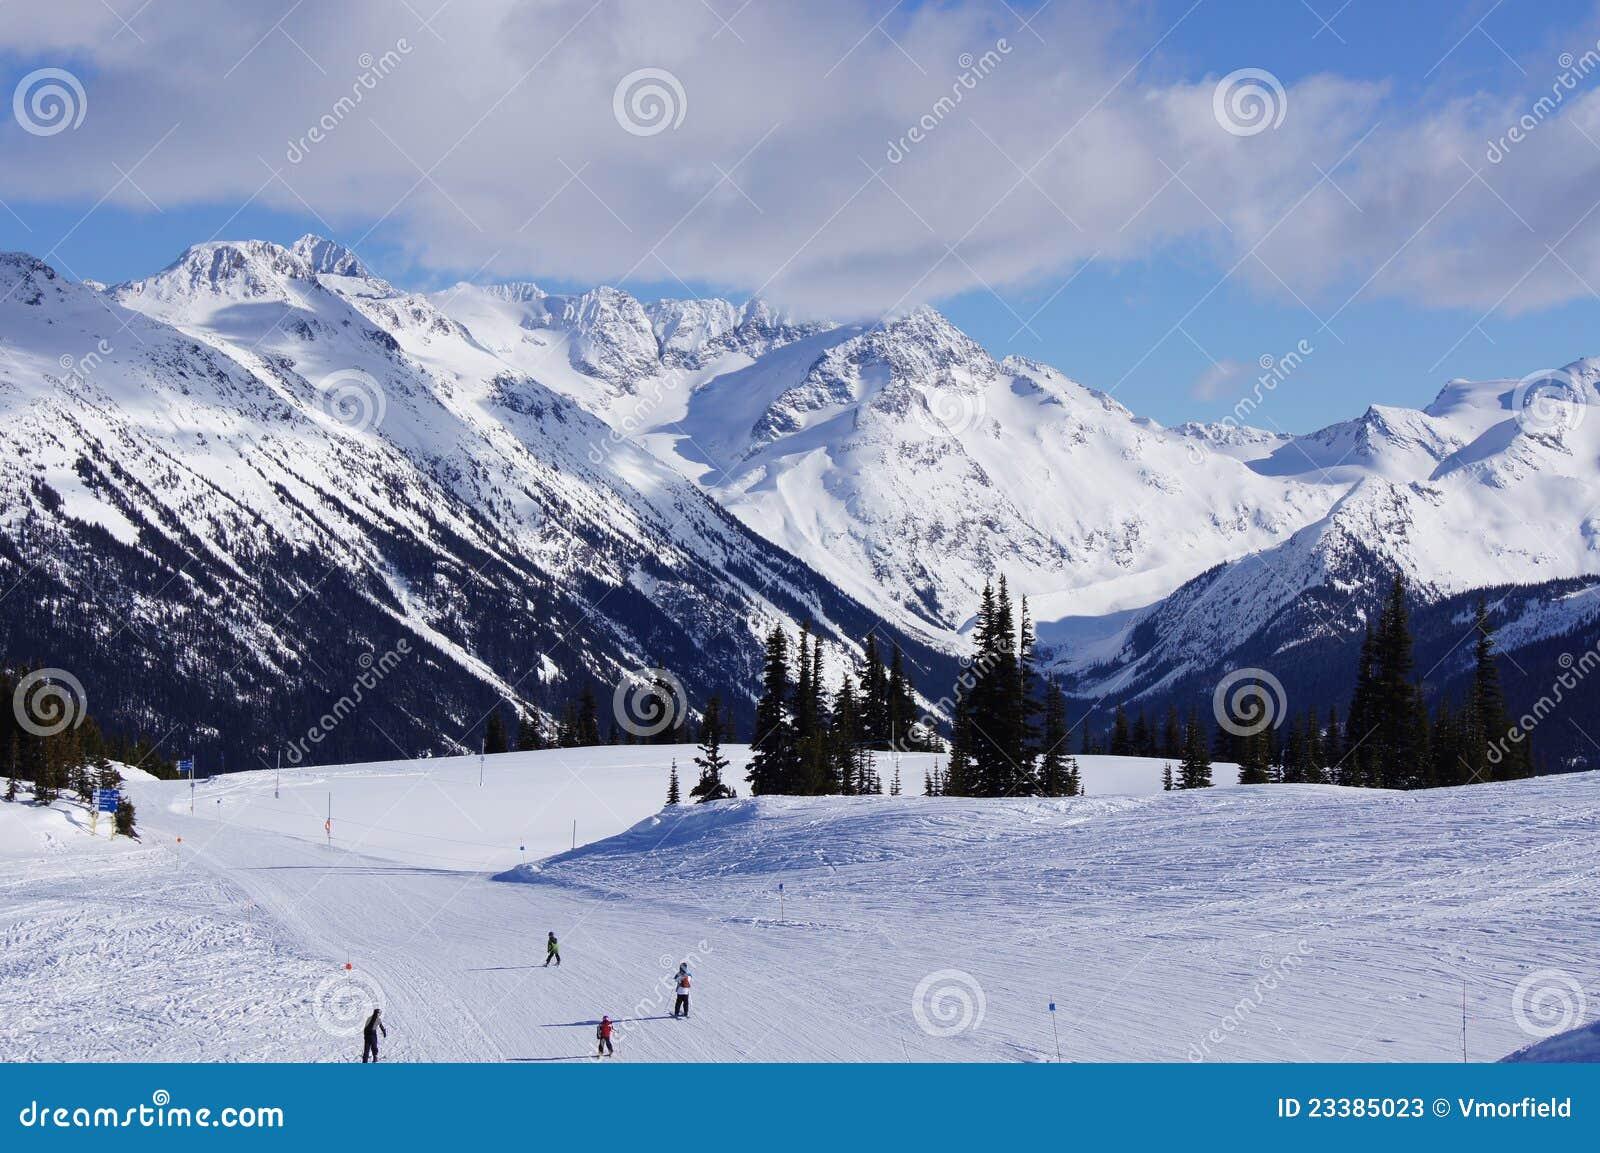 Skiing down Whistler mountain